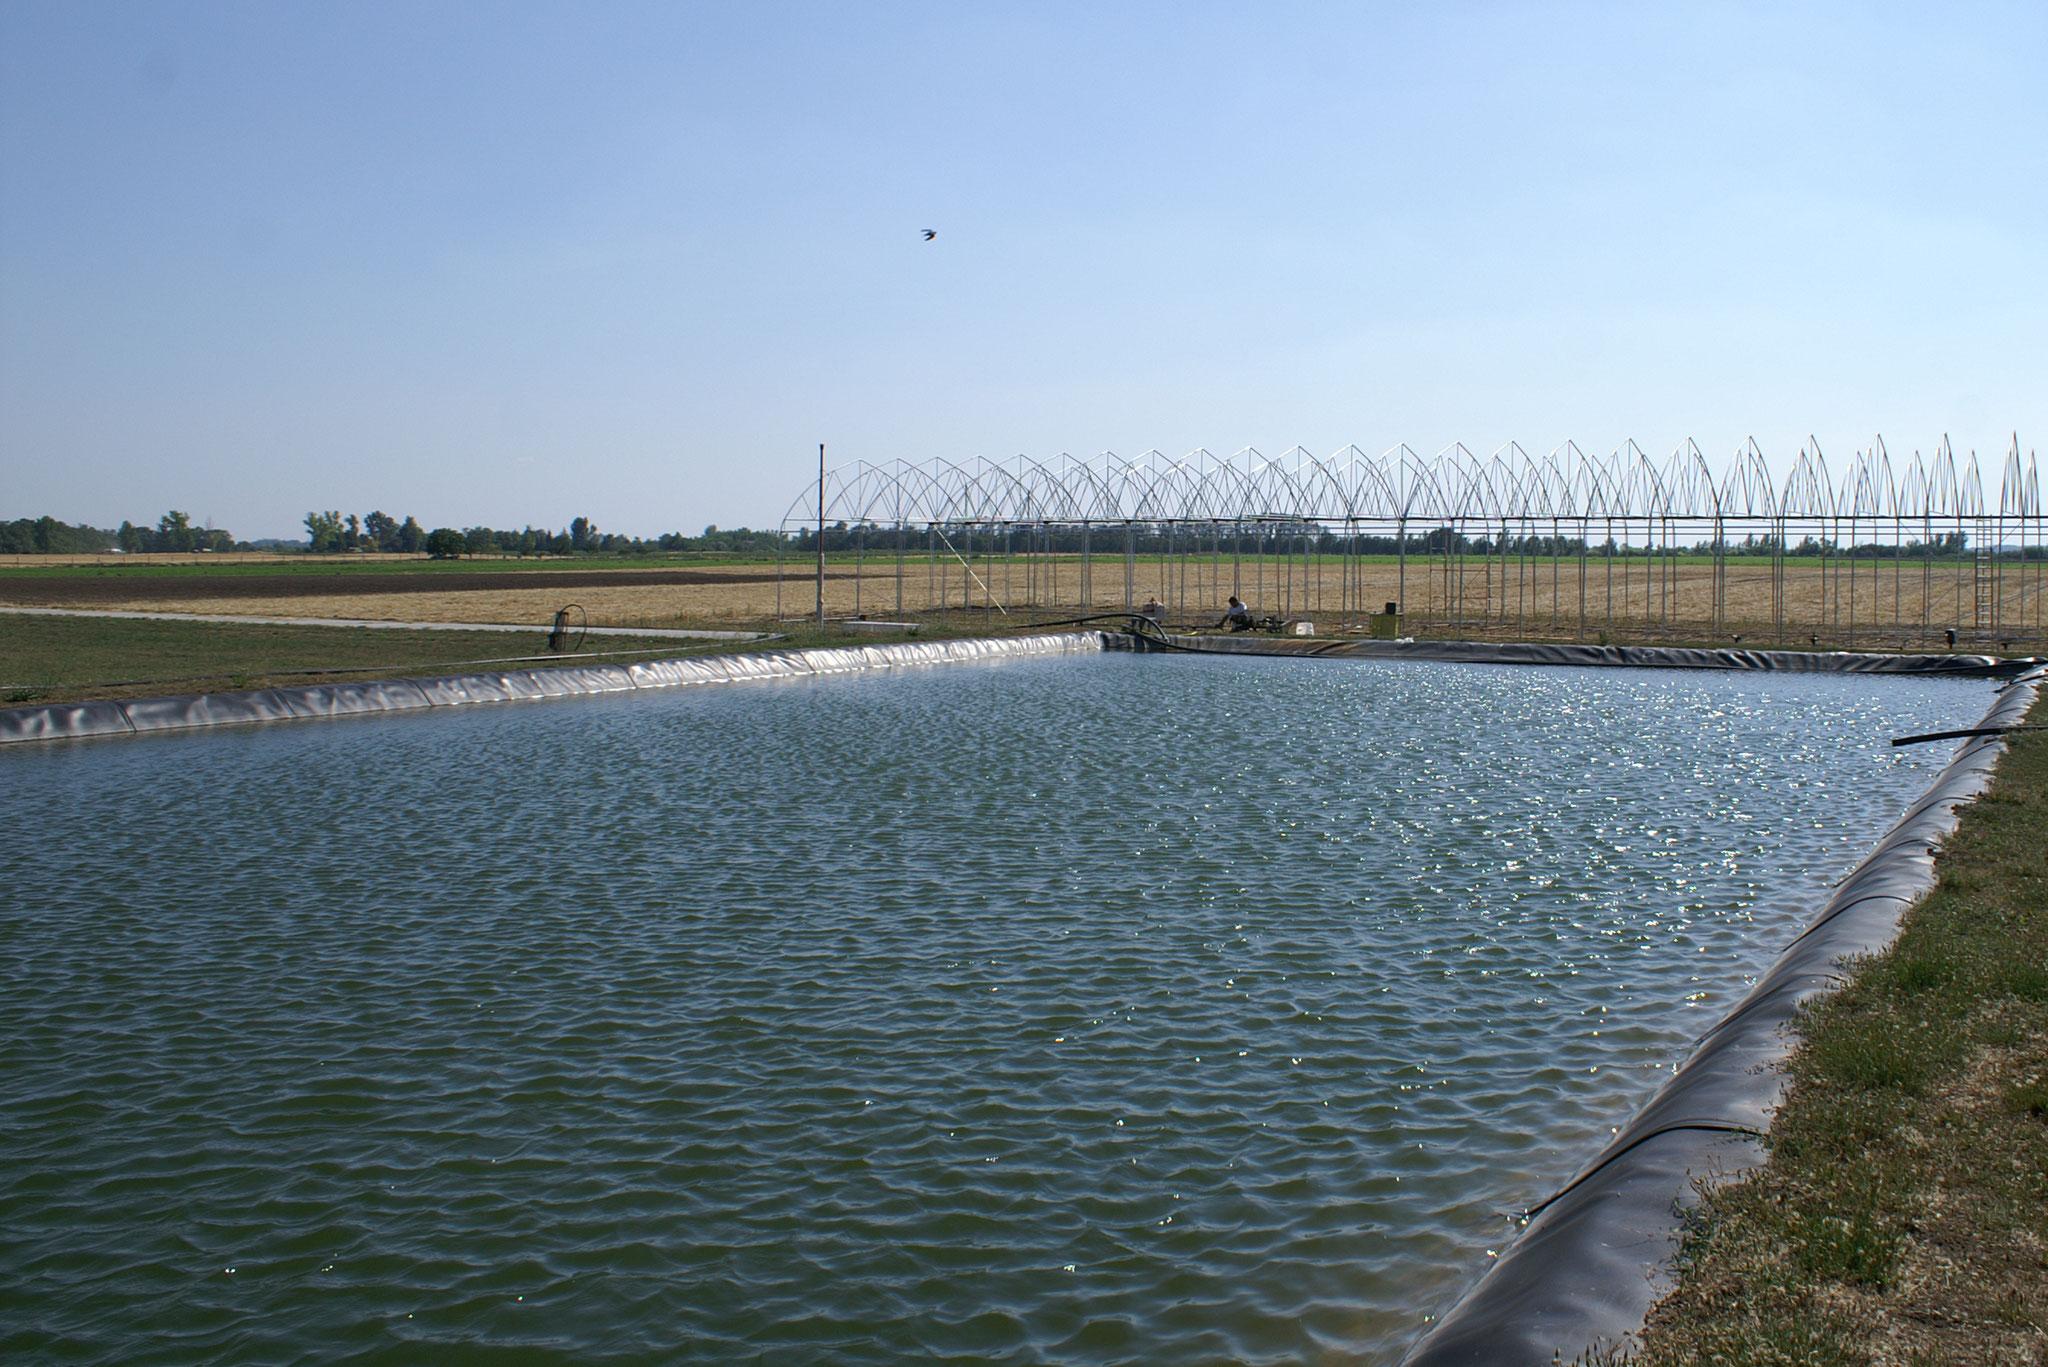 2. Möglichkeit, man verteilt KE-plant in das Becken, aus dem die Bewässerung gespeist wird.